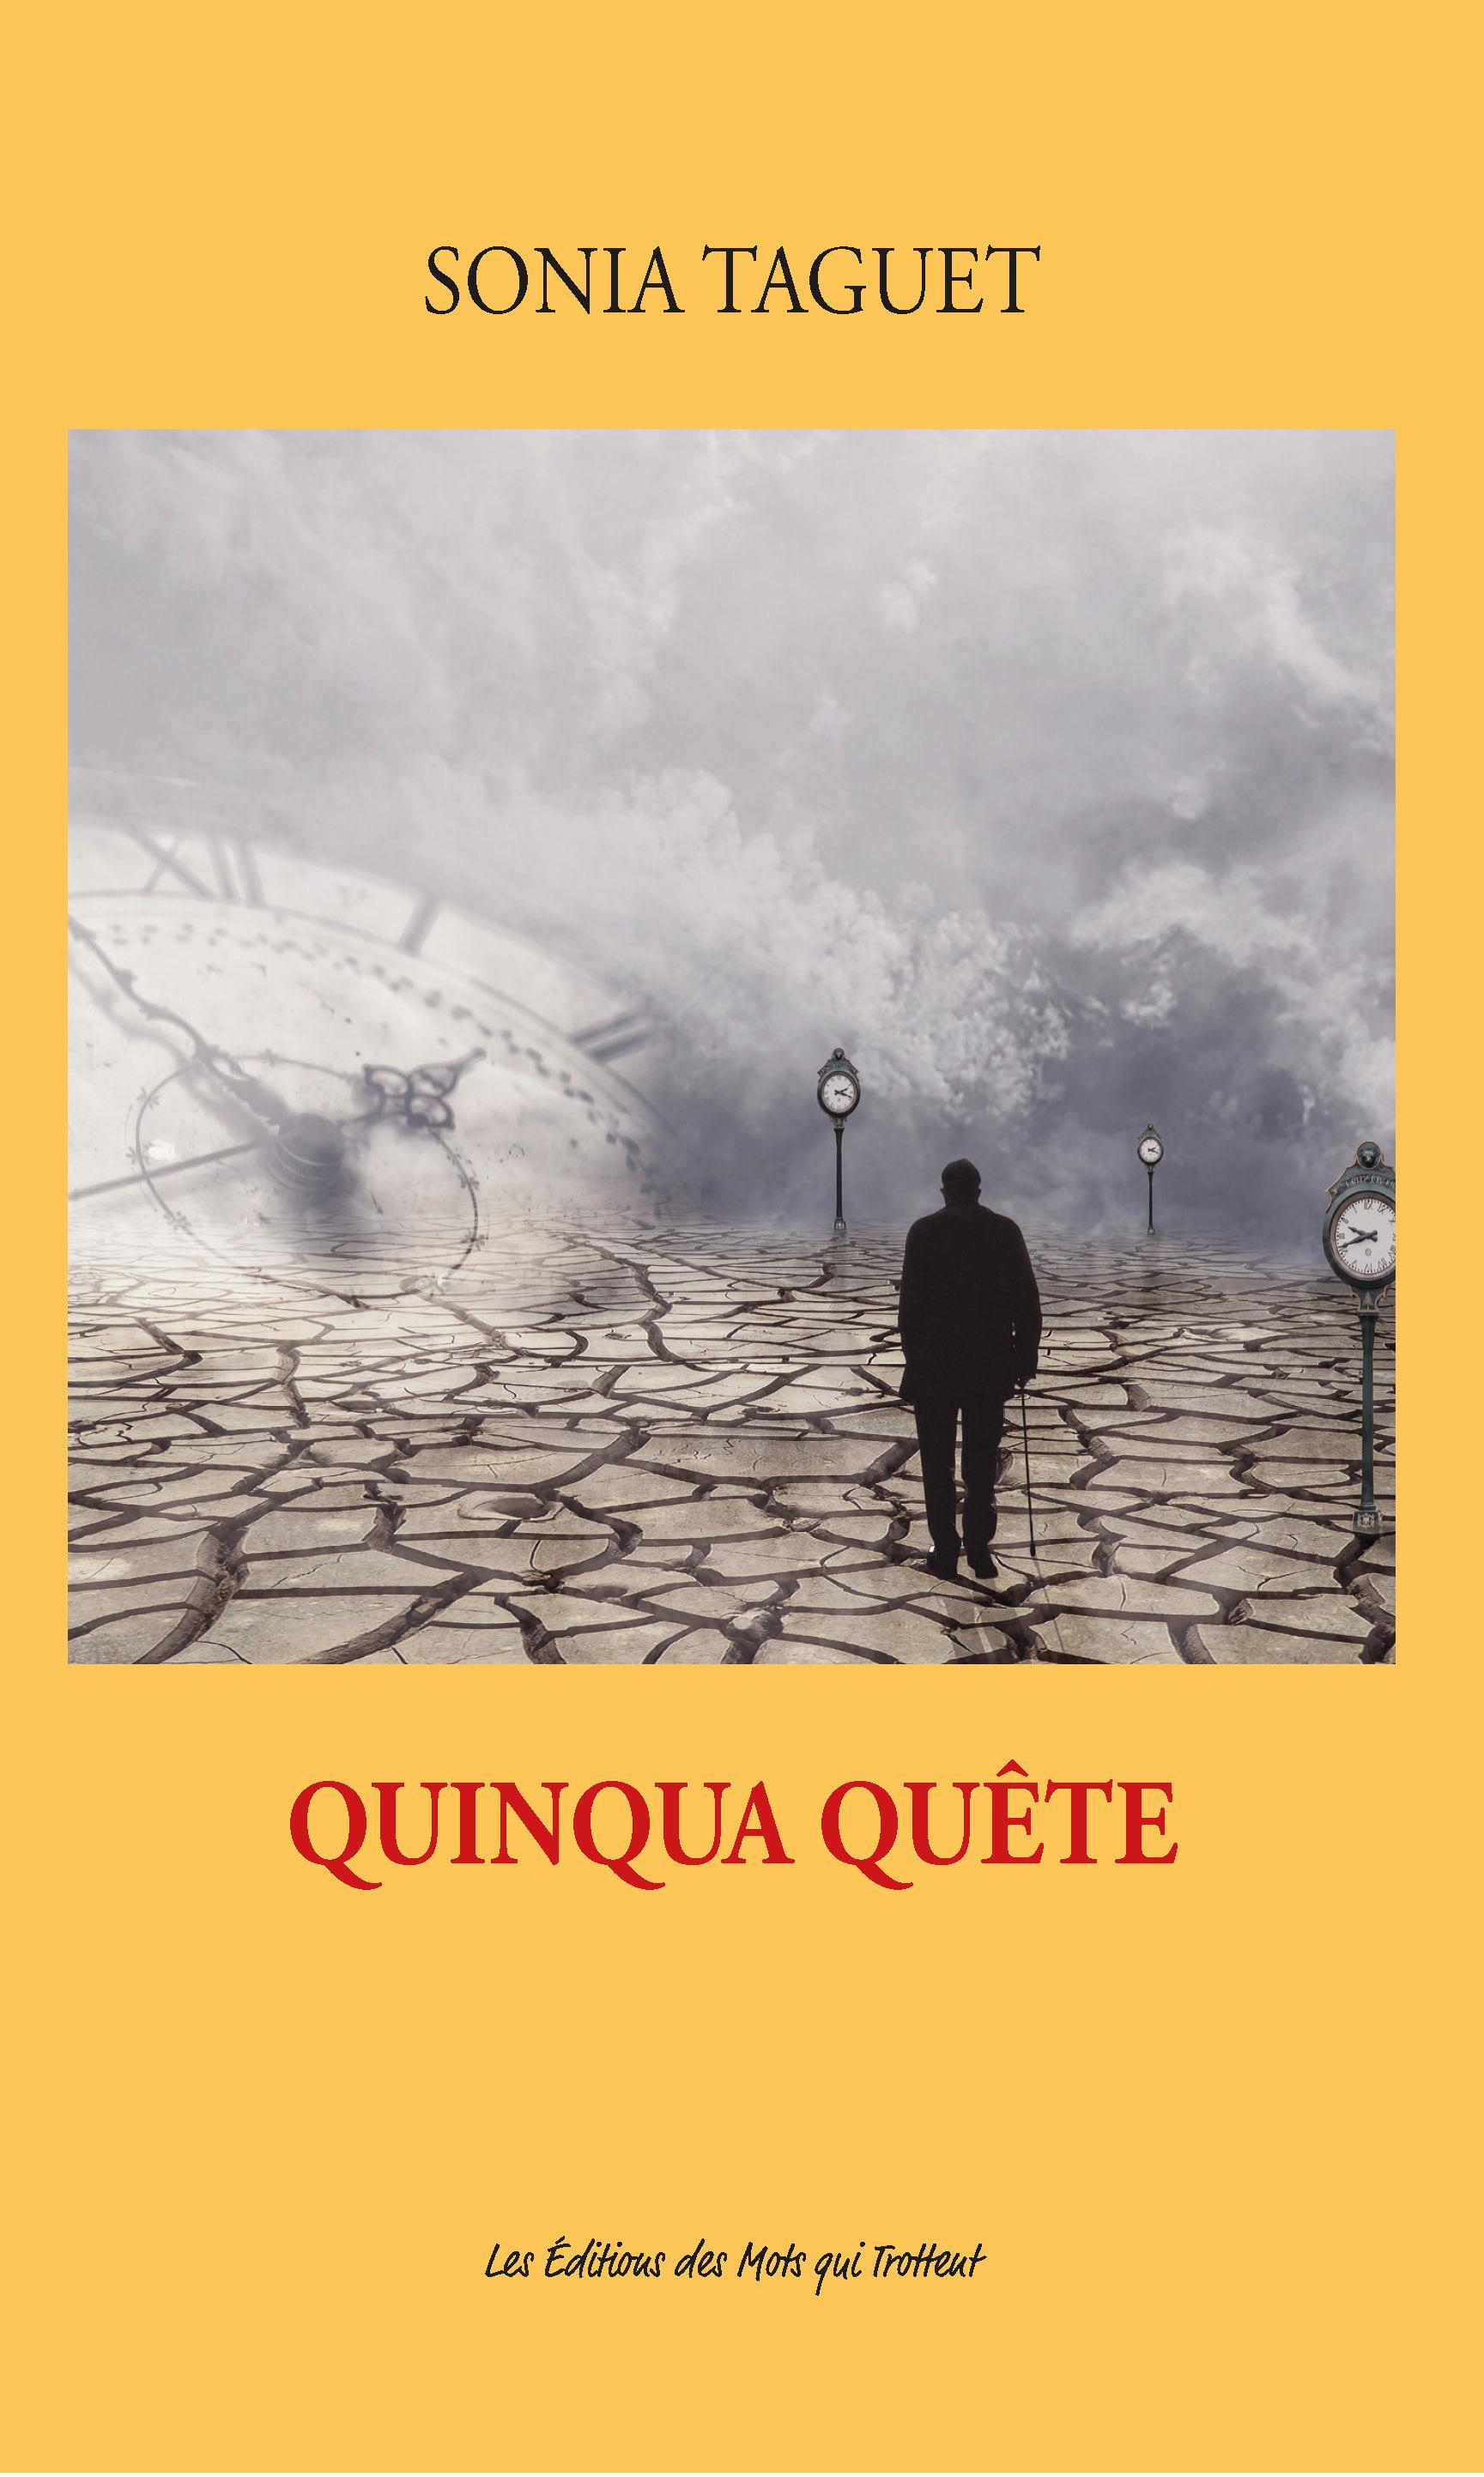 QUINQUA QUETE